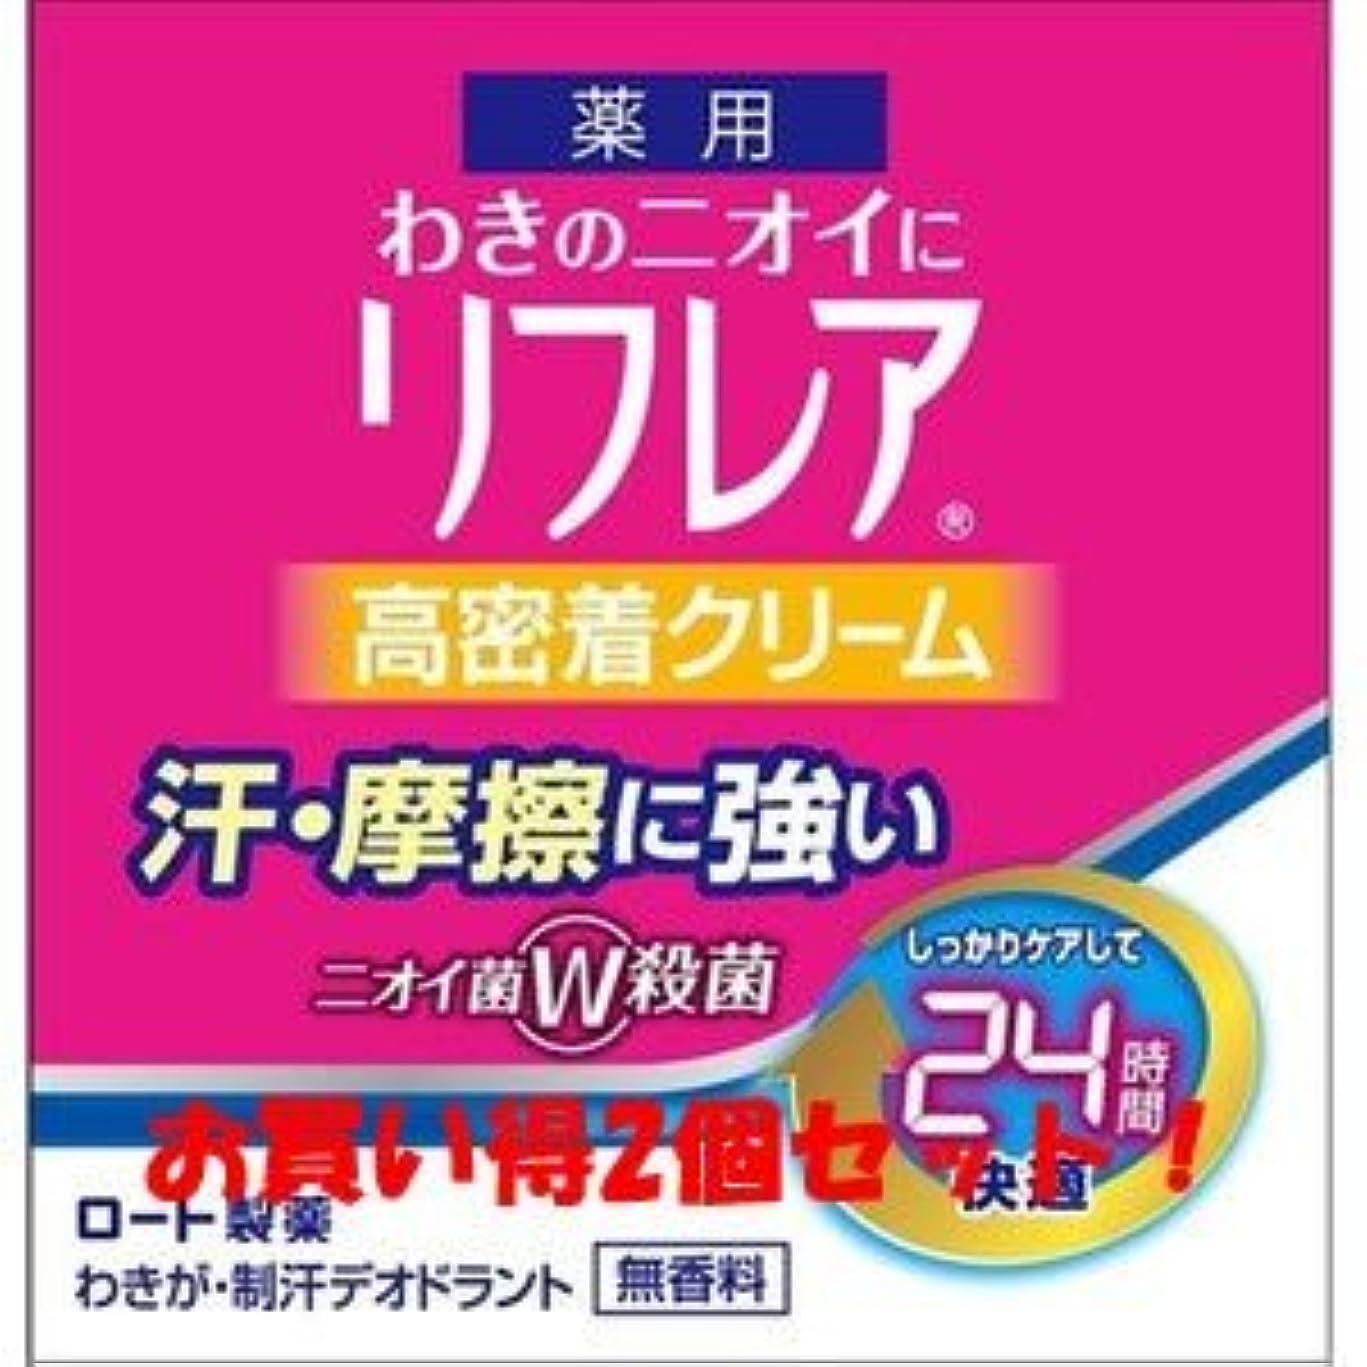 ブロー敬数学者(ロート製薬)メンソレータム リフレア デオドラントクリーム 55g(医薬部外品)(お買い得2個セット)